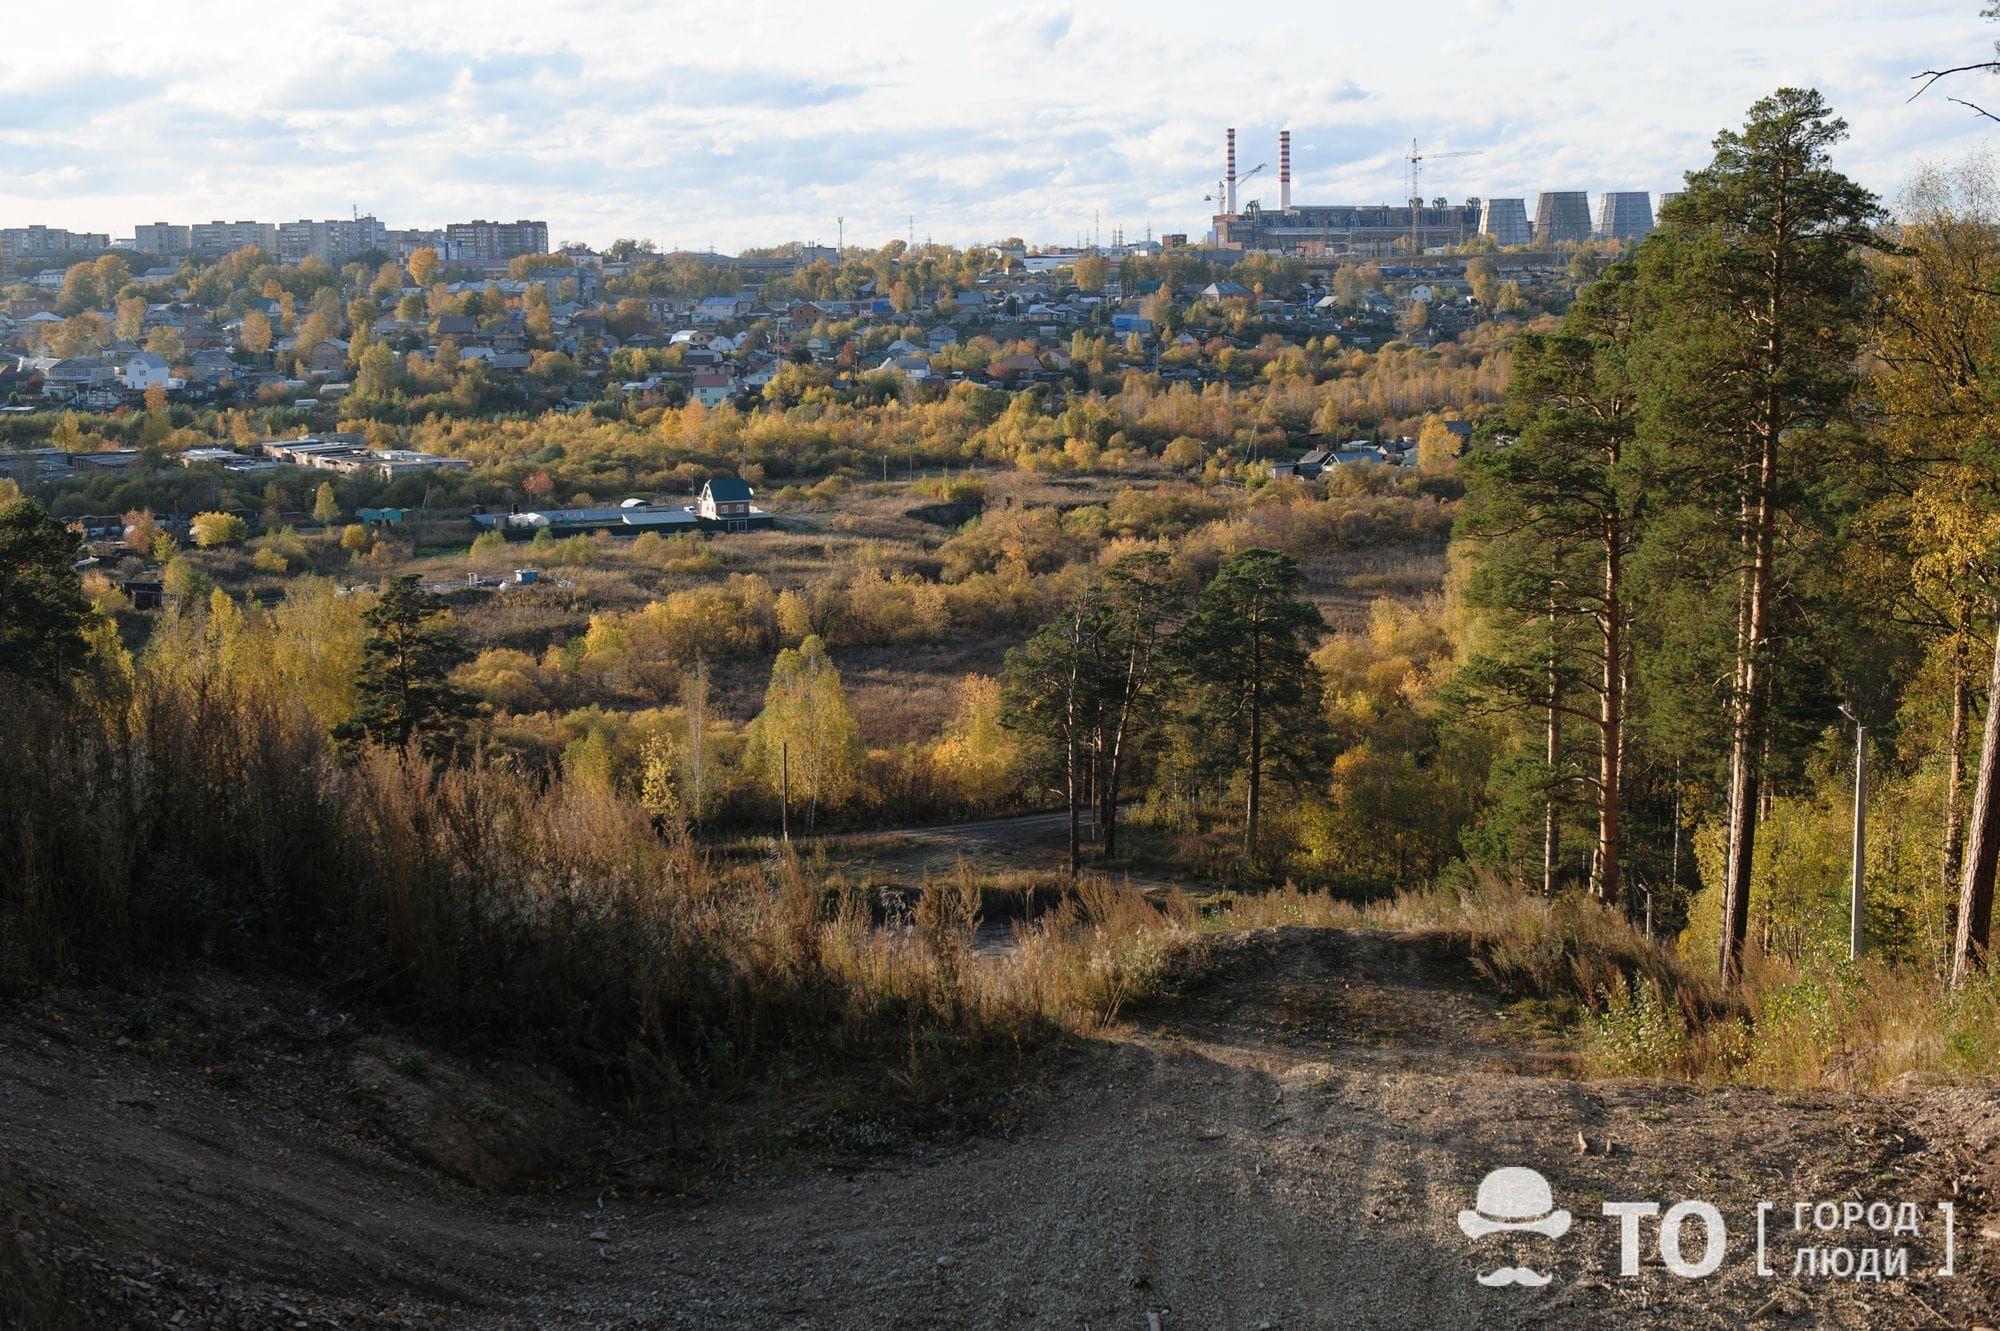 трамплин в академгородке красноярск фото всегда следим качеством